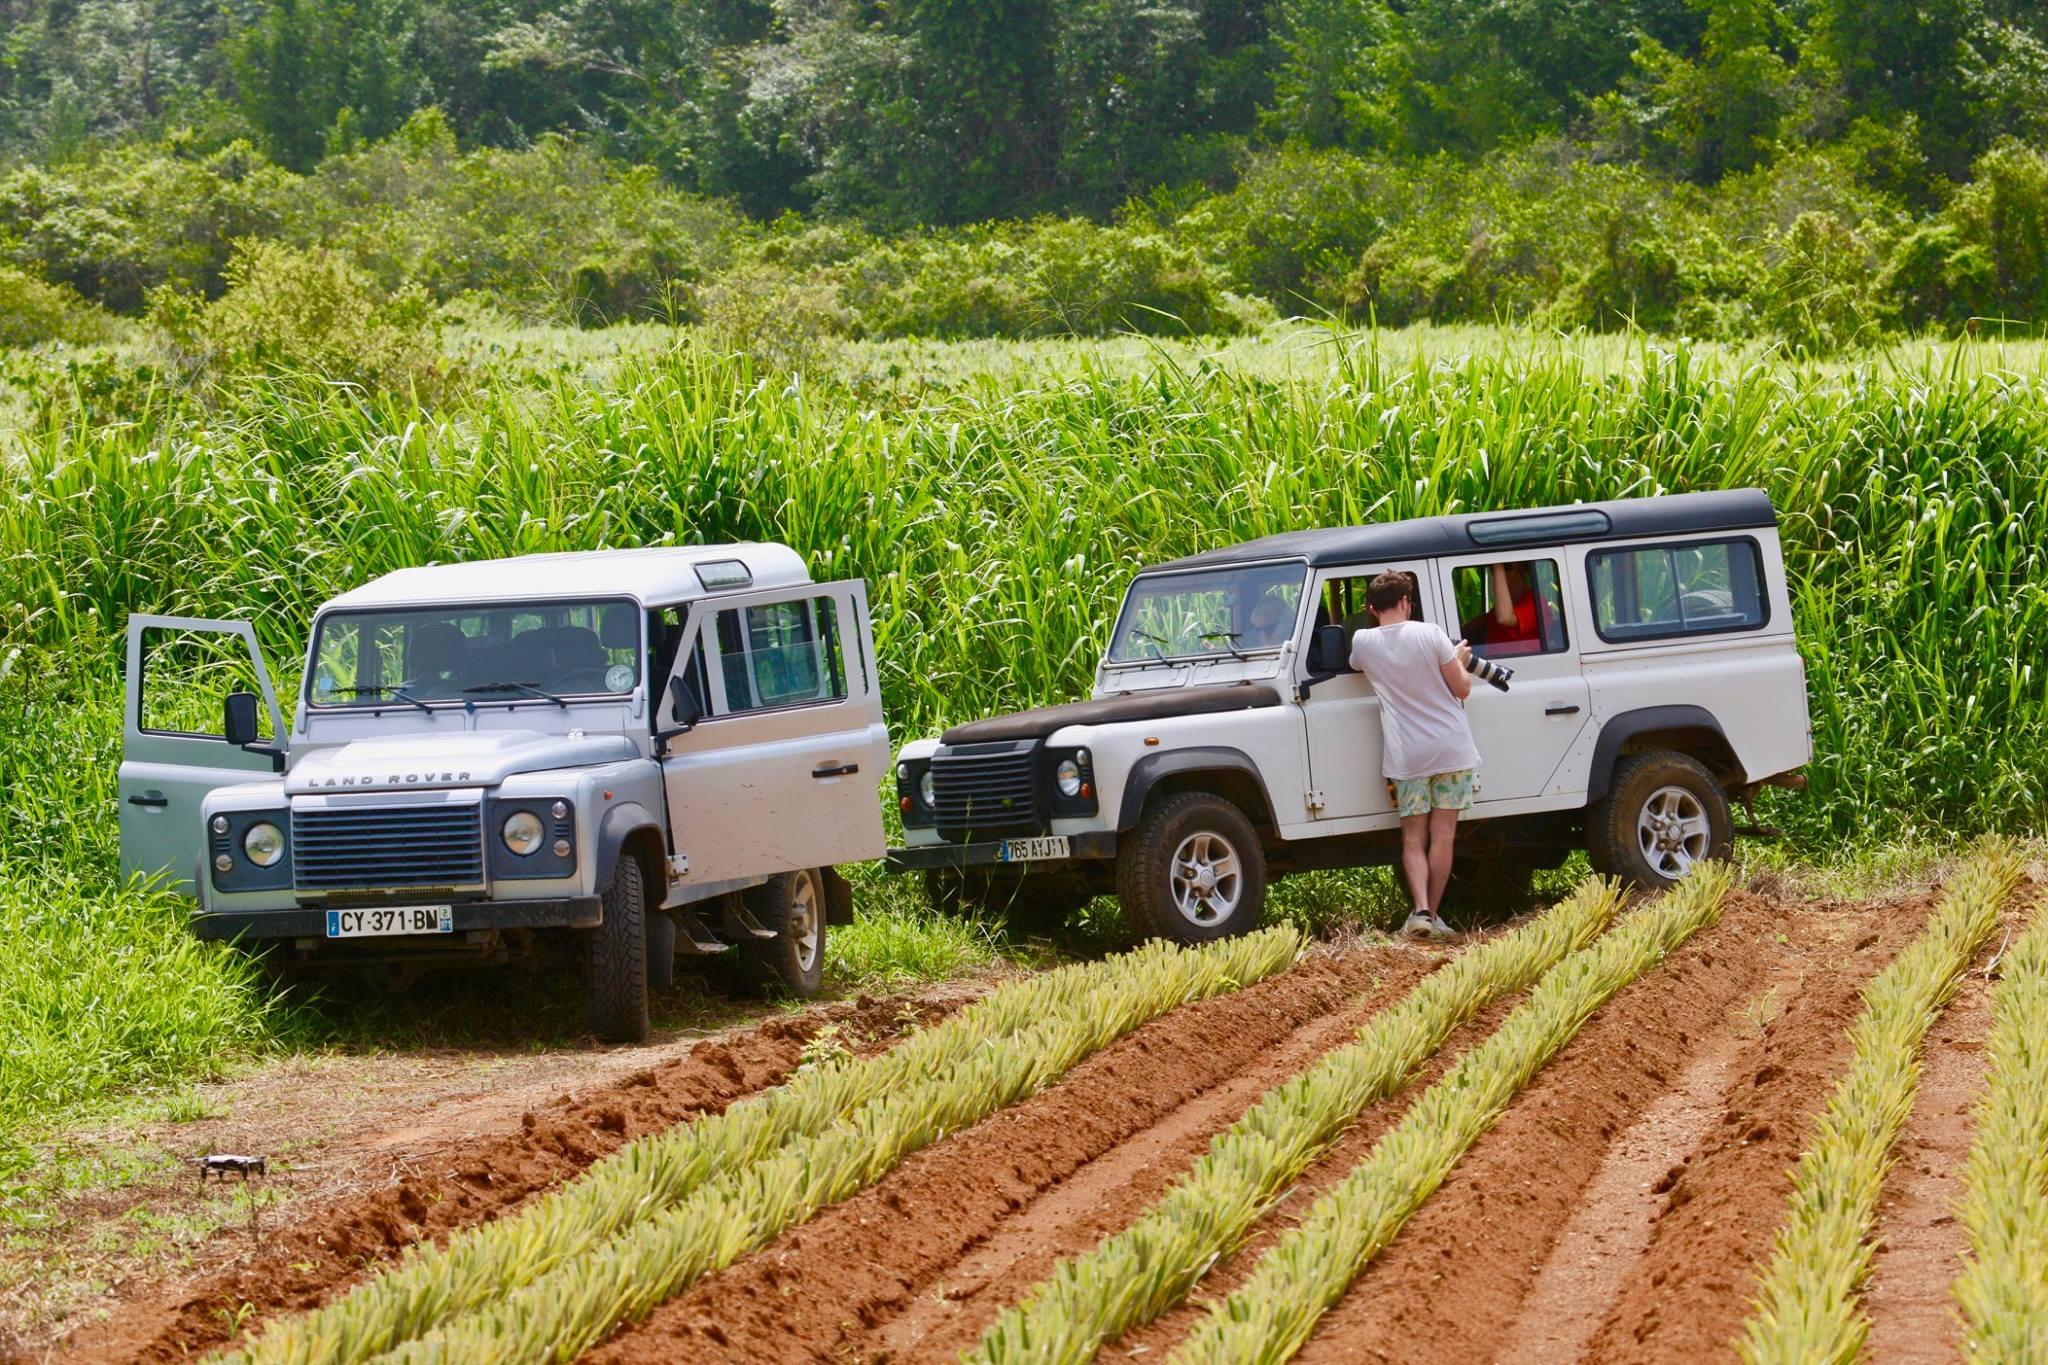 Excursion en 4x4 dans le Sud Basse-terre de la Guadeloupe